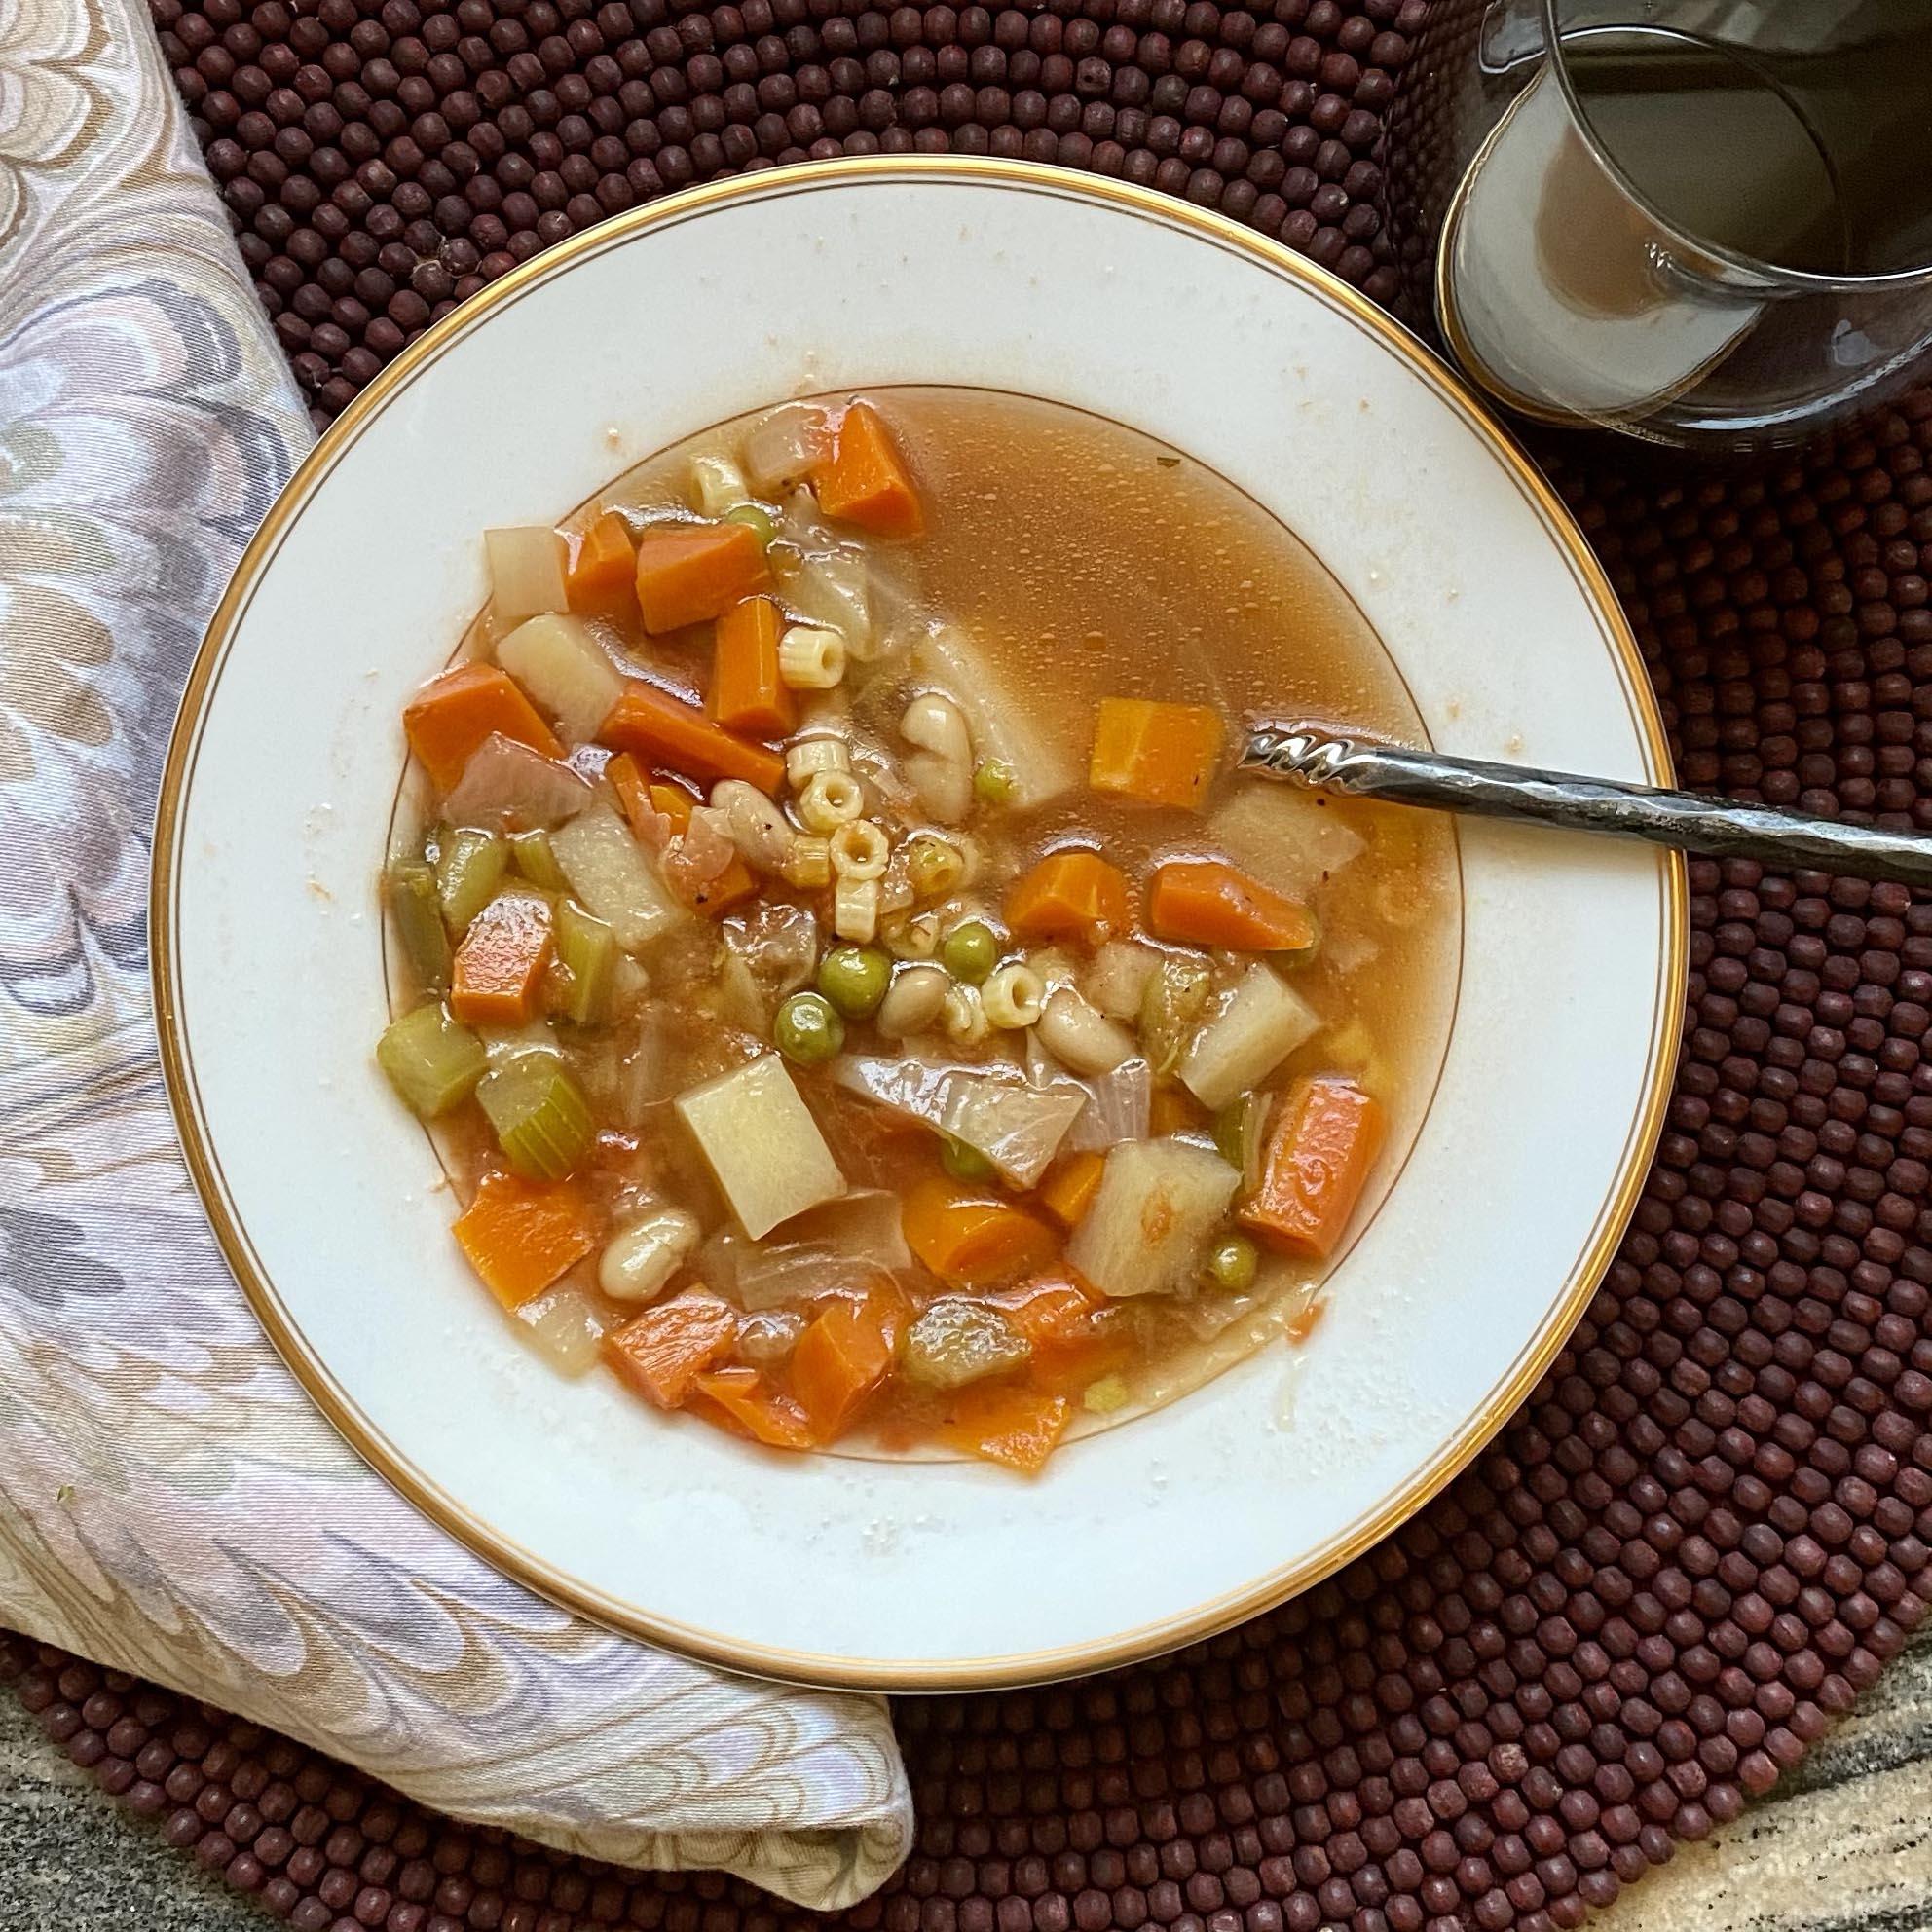 Da Luciano Gluten Free Homemade Minestrone Soup